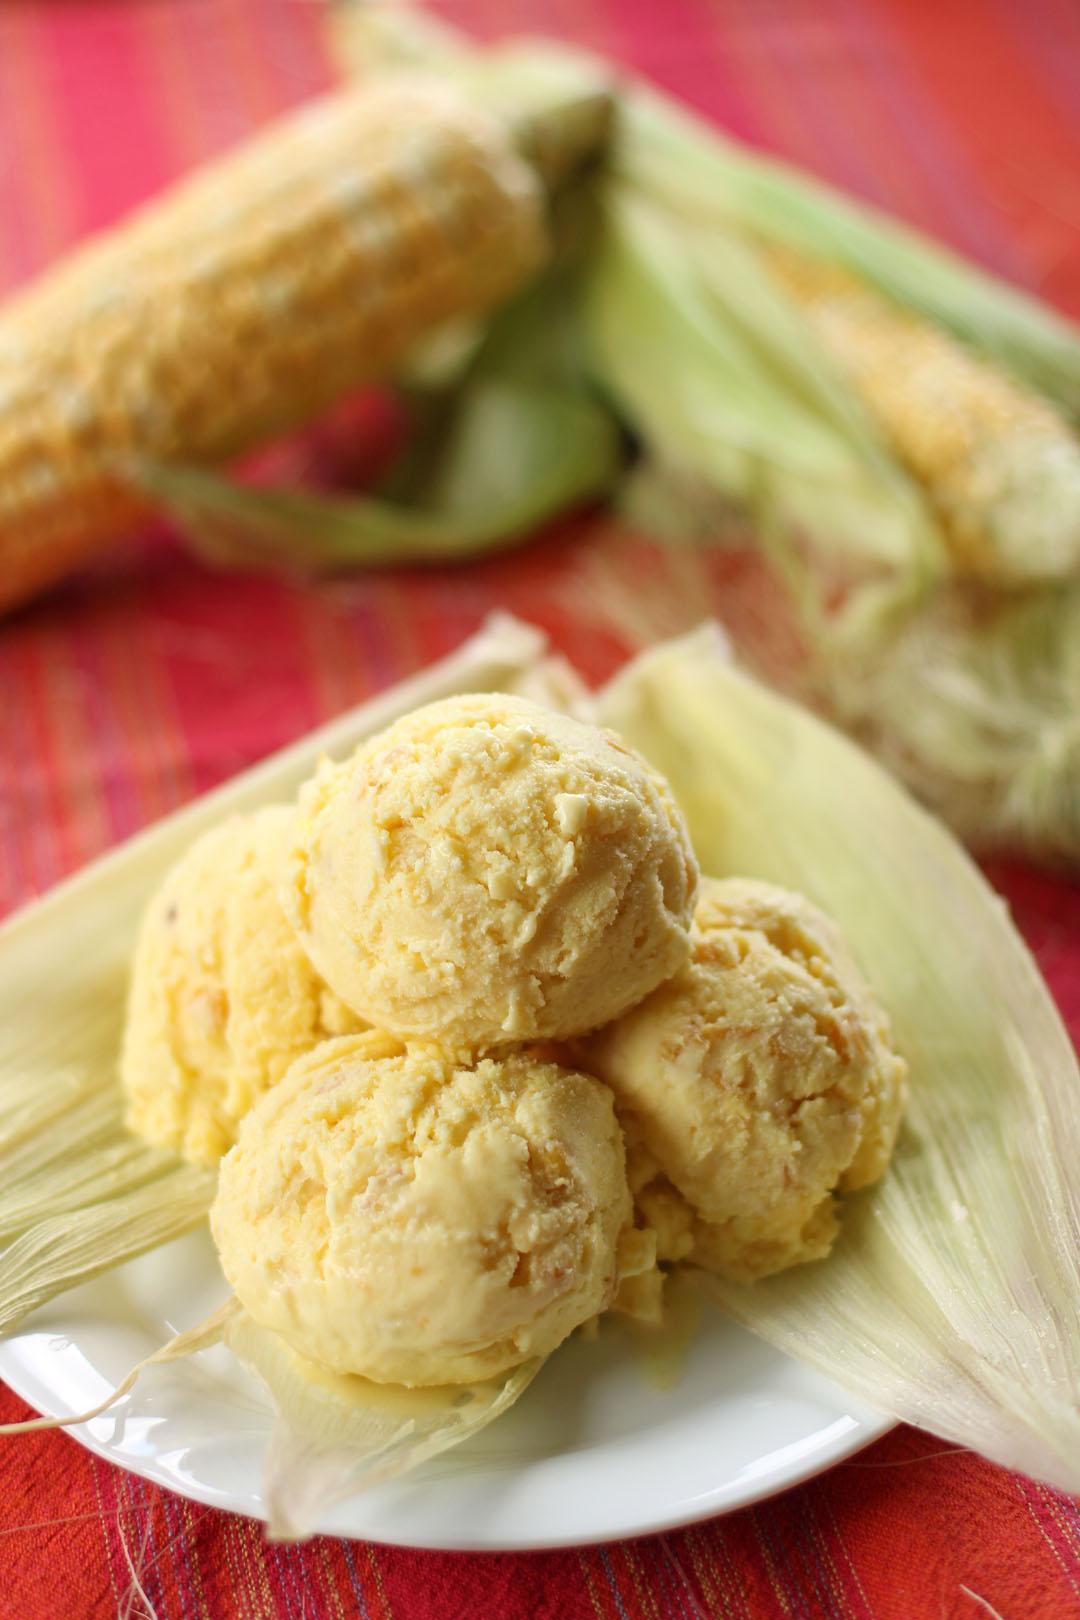 ... beverages cream sorbet recipes ice cream popsicles sorbet paletas ice